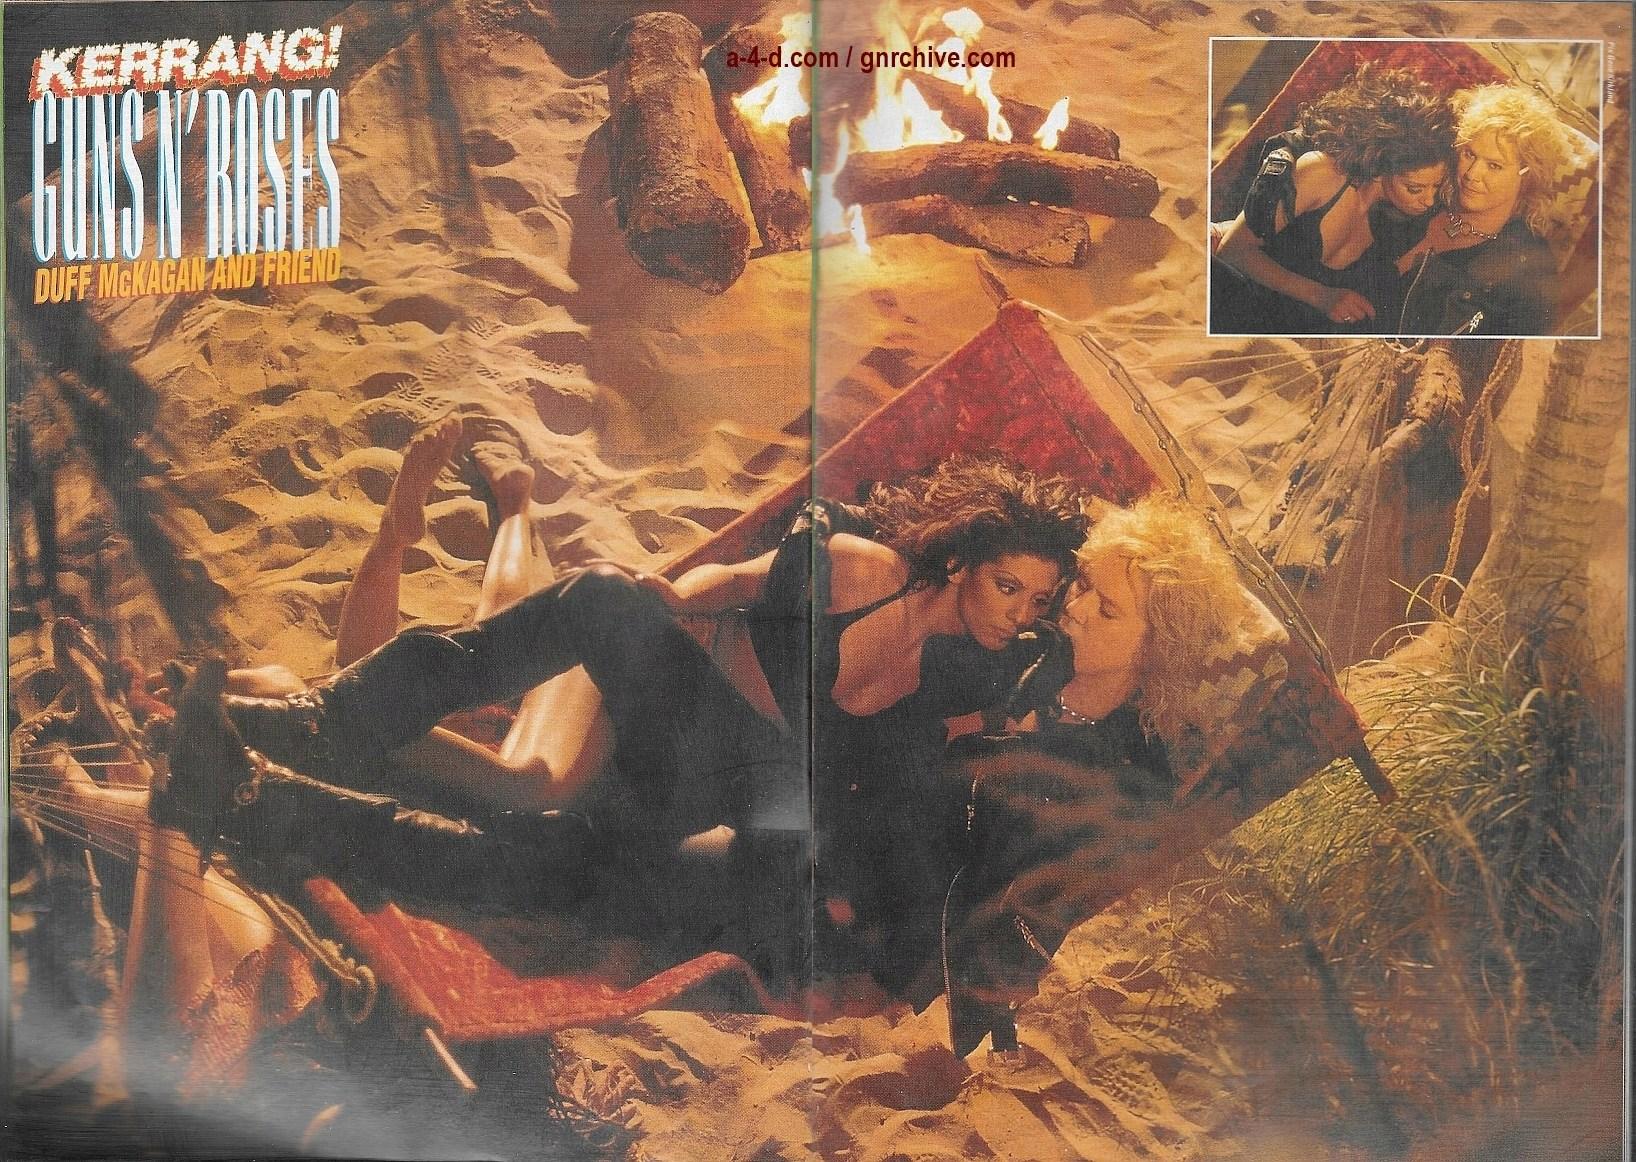 1994.03.19 - Kerrang - Video Violence! 1994_060